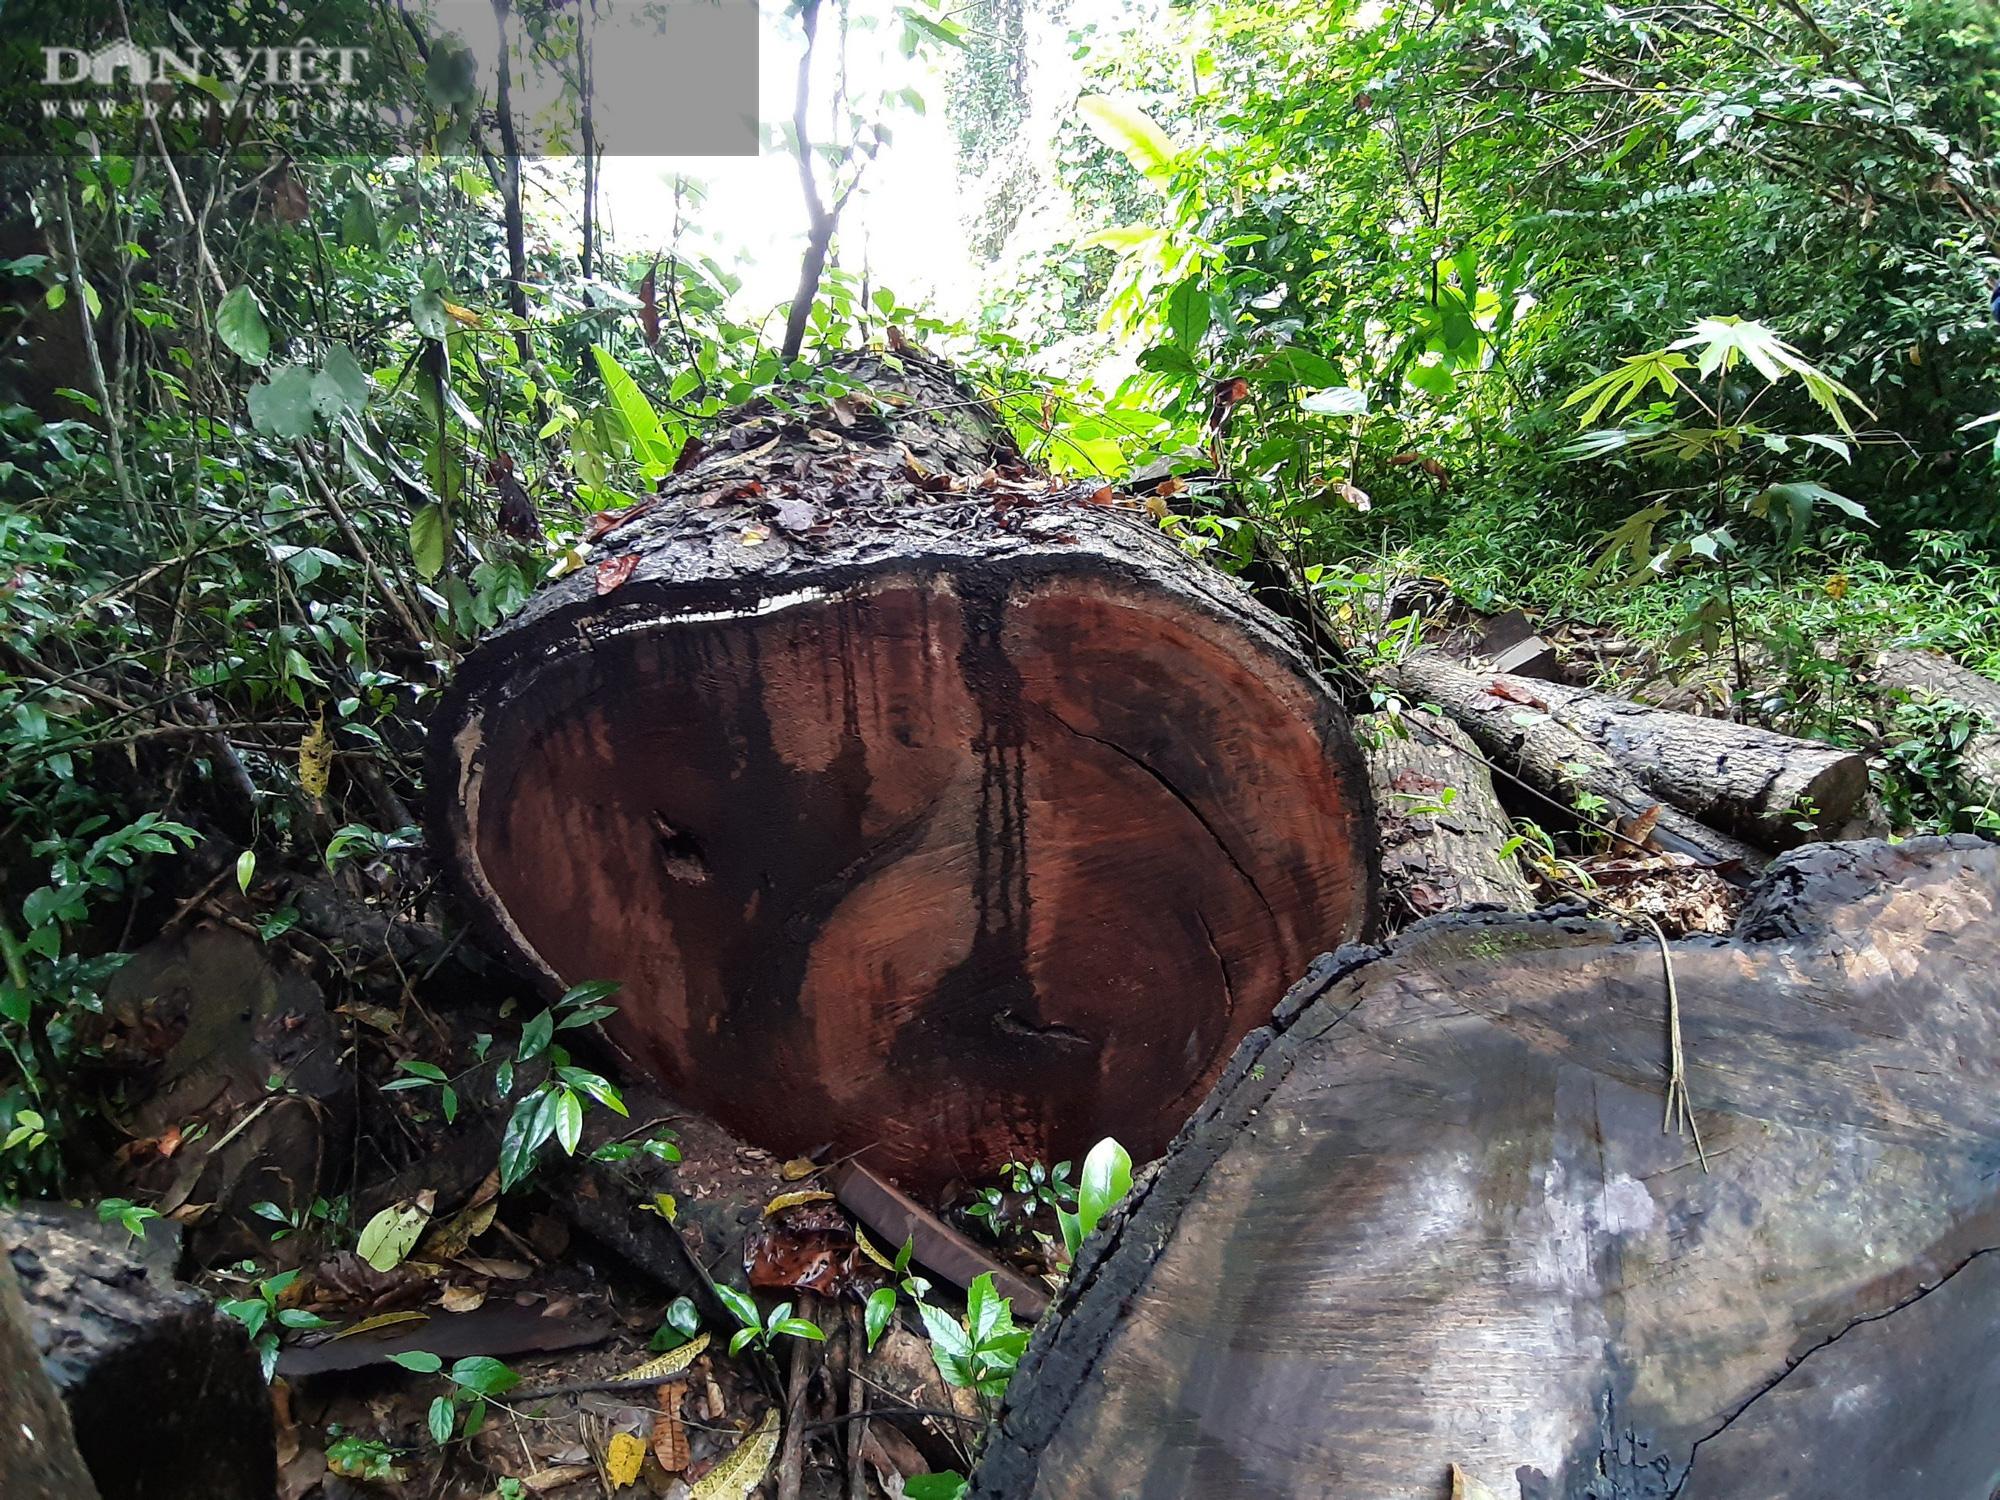 Lời man trá trong các rừng nghiến khổng lồ: Tận mục những cánh rừng tàn sát! - Ảnh 7.